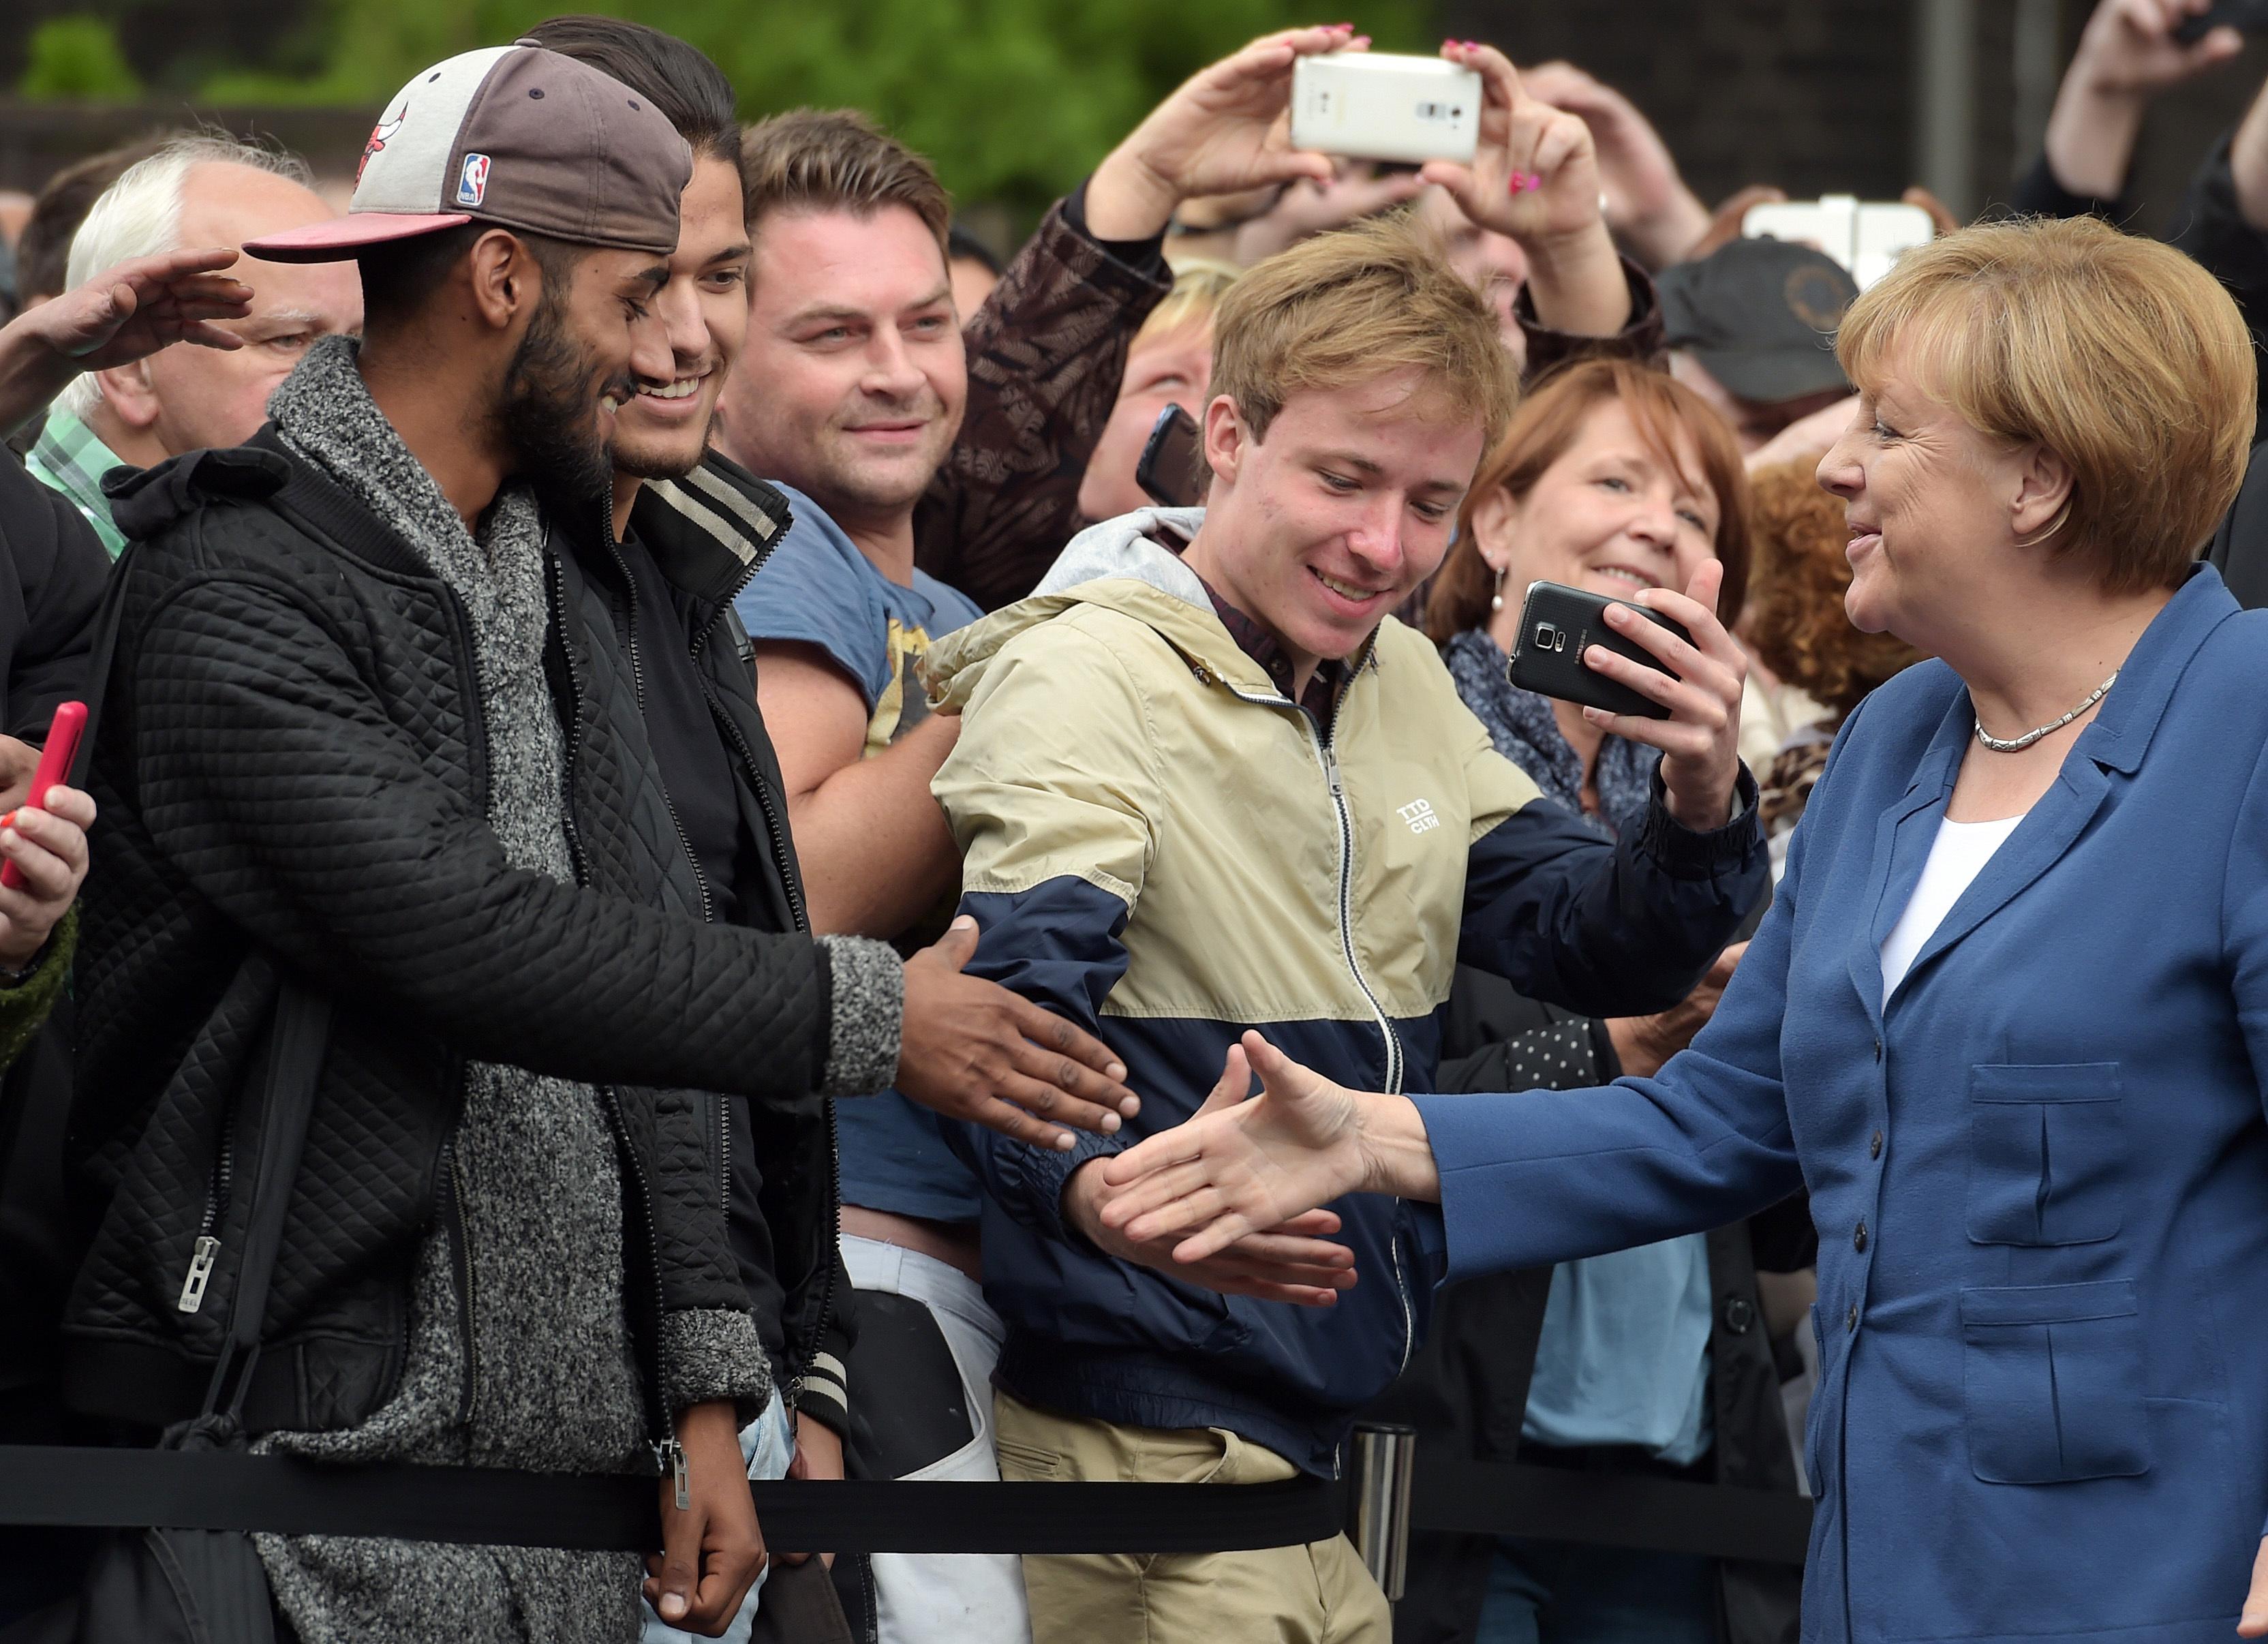 Nemecko utečenci